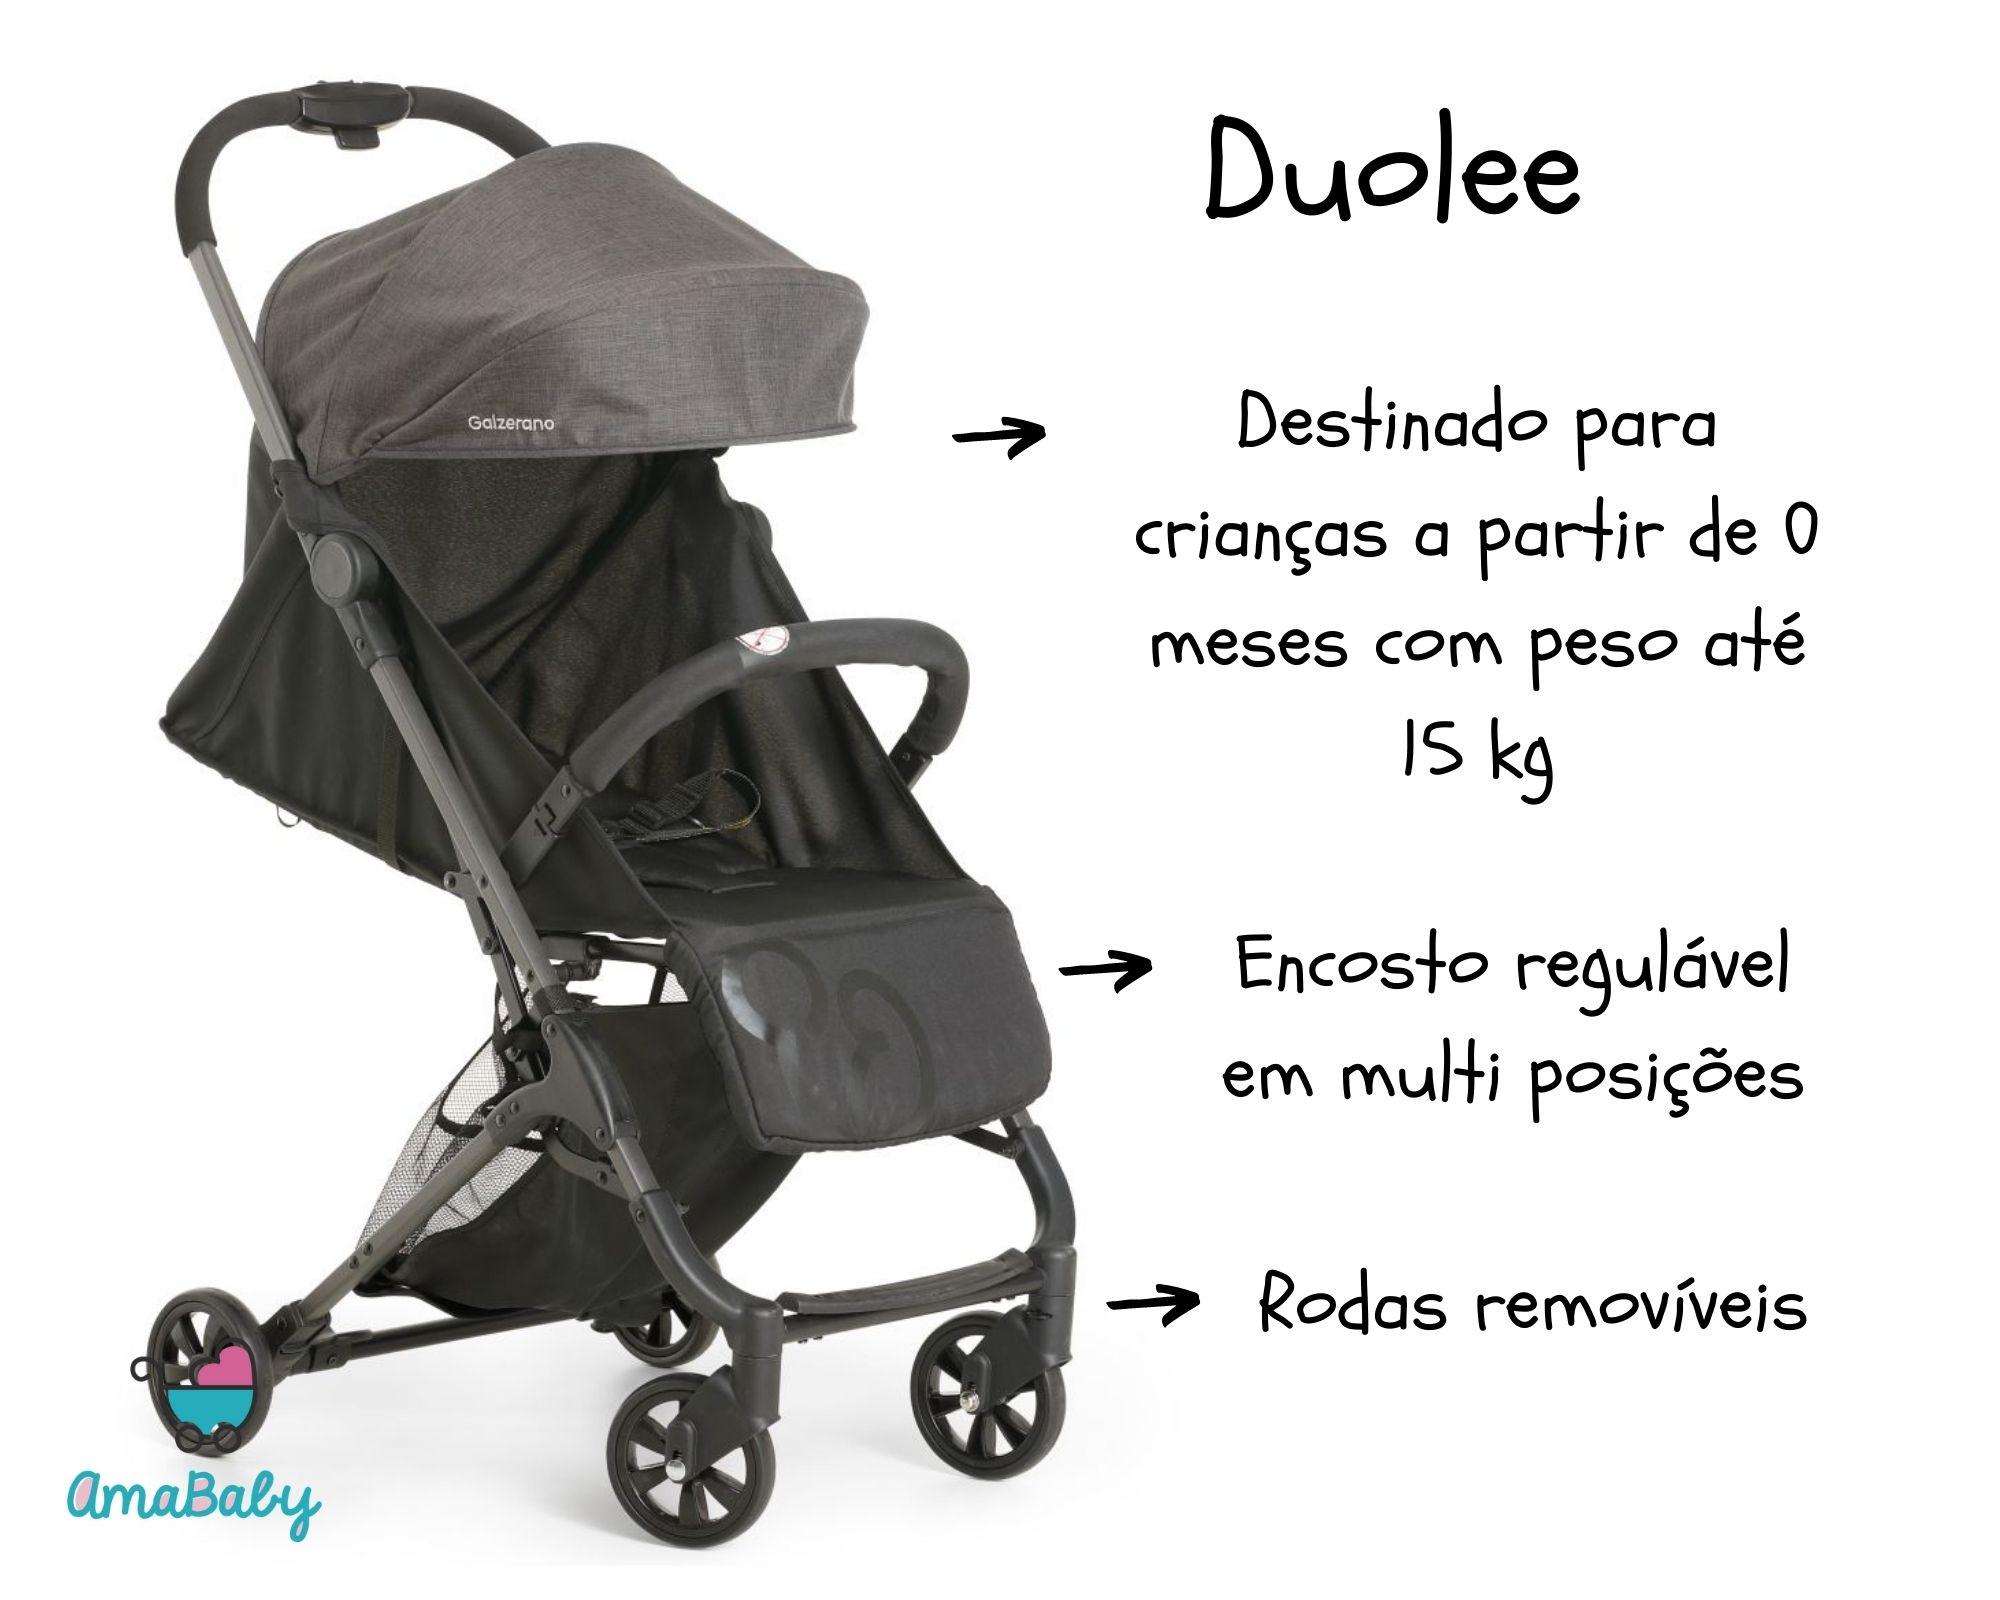 Carrinho Bebê Duolee Preto Galzerano